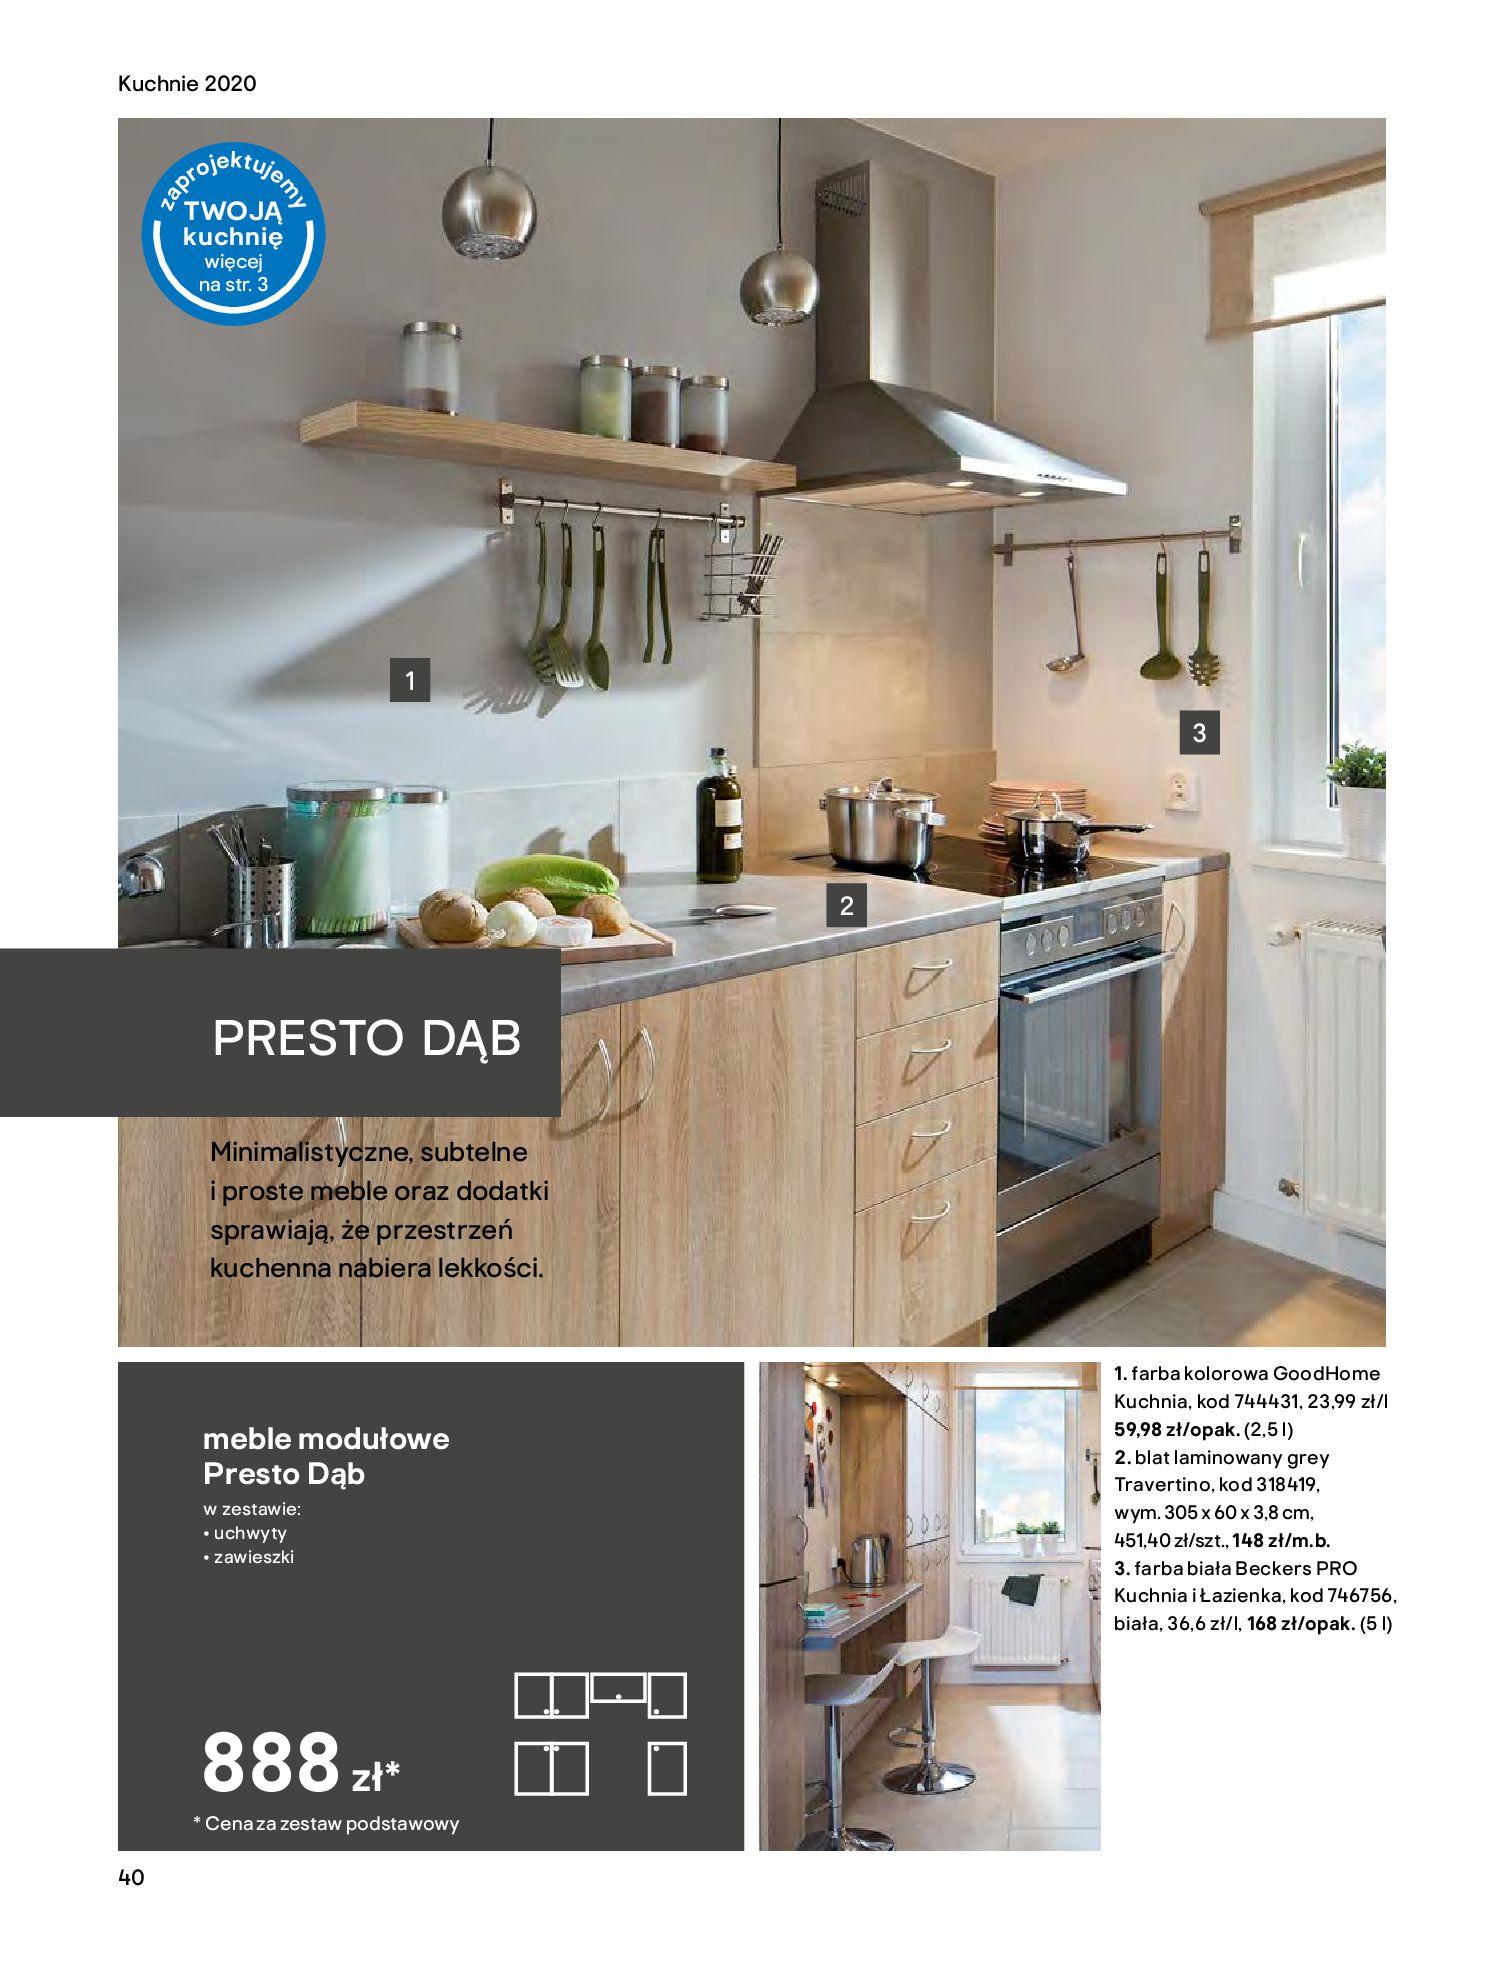 Gazetka Castorama - Katalog Kuchnie 2020-14.04.2020-31.12.2020-page-40